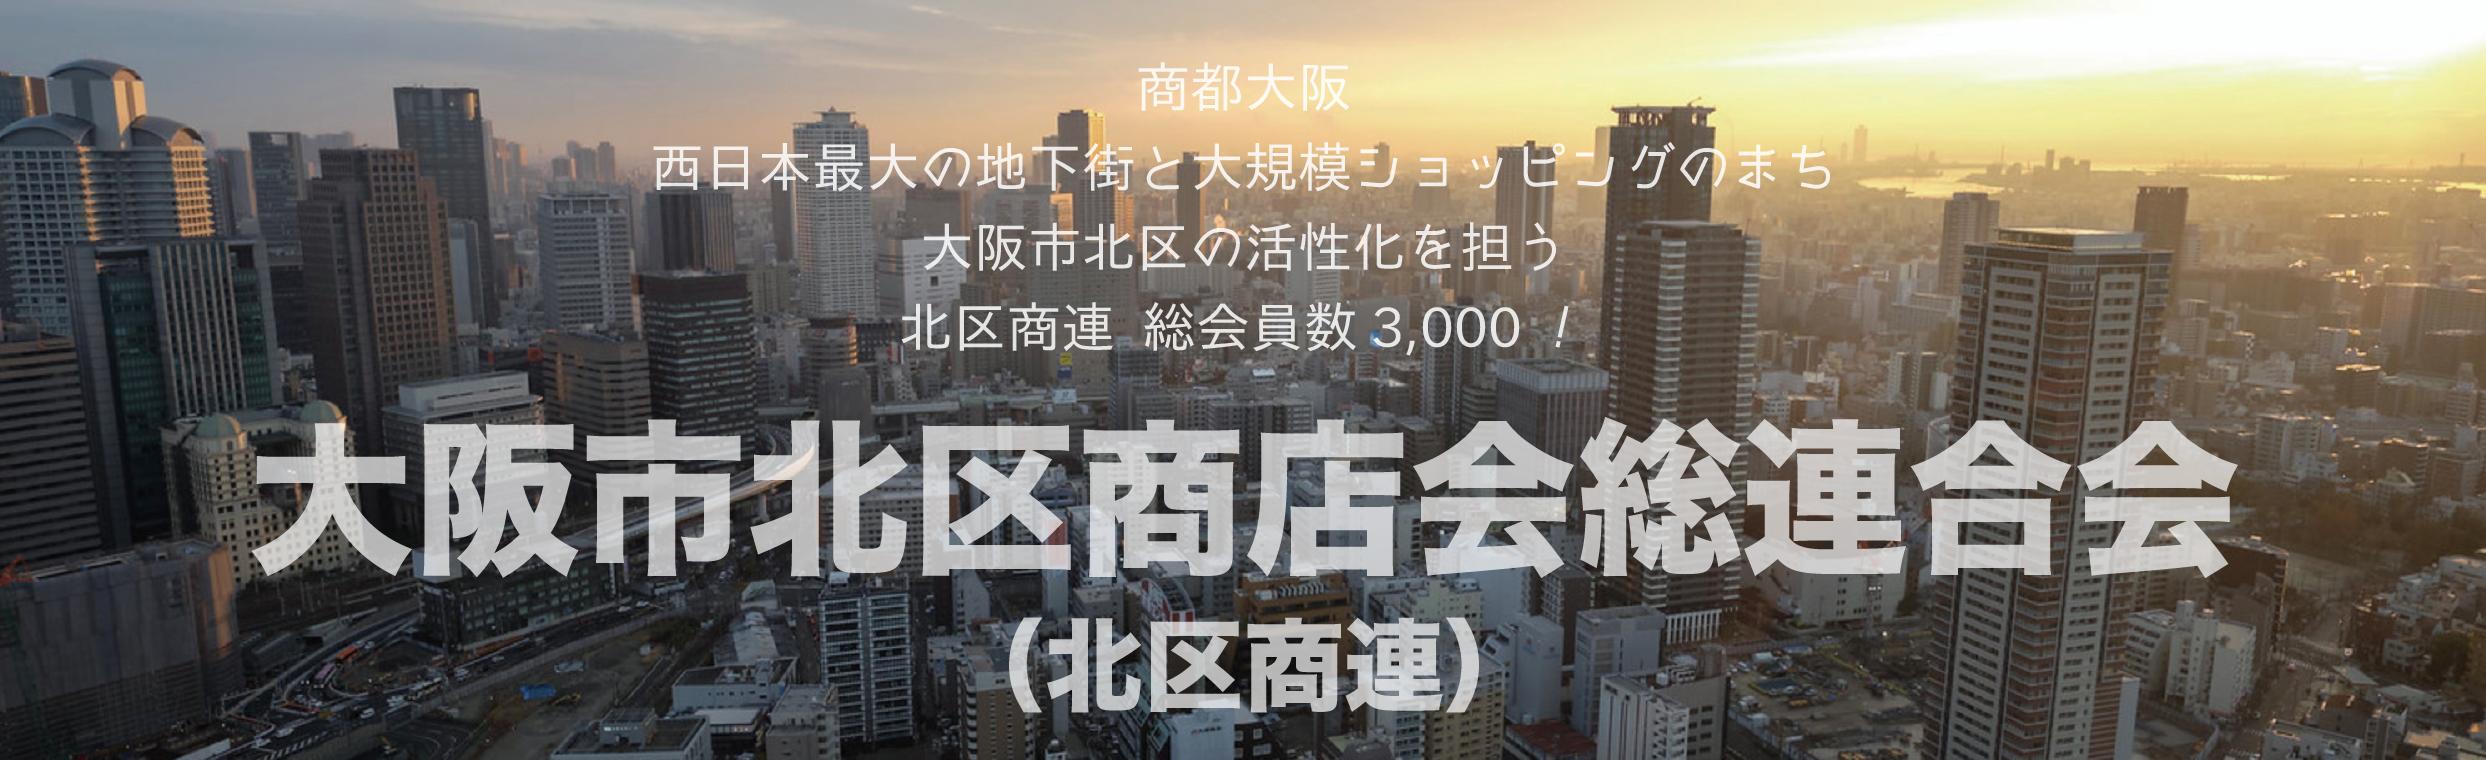 大阪市北区商店街総連合会